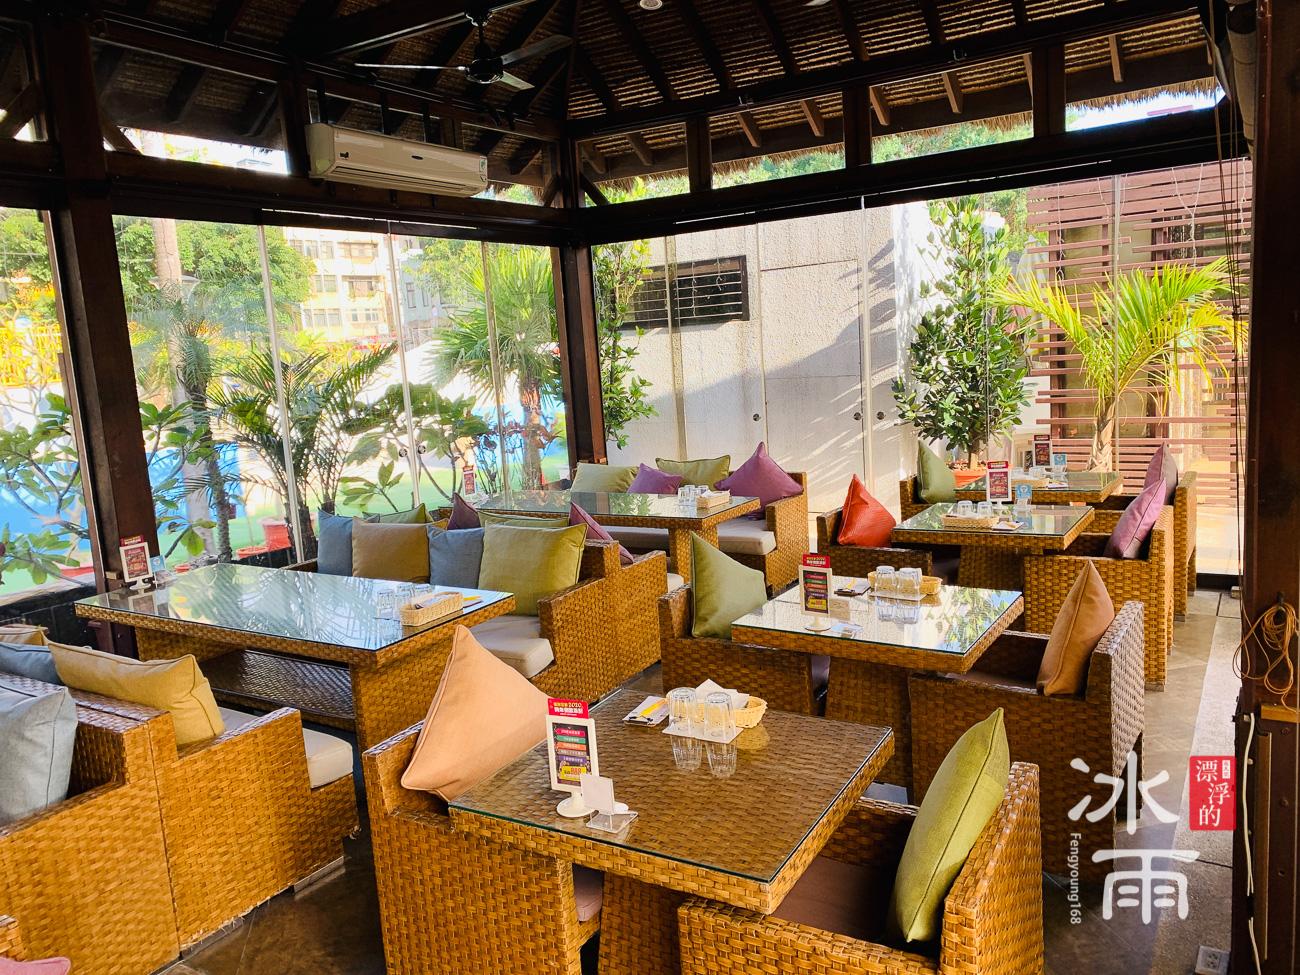 榕堤水灣景觀餐廳市內有很多區域,也有包廂,適合全家來用餐。